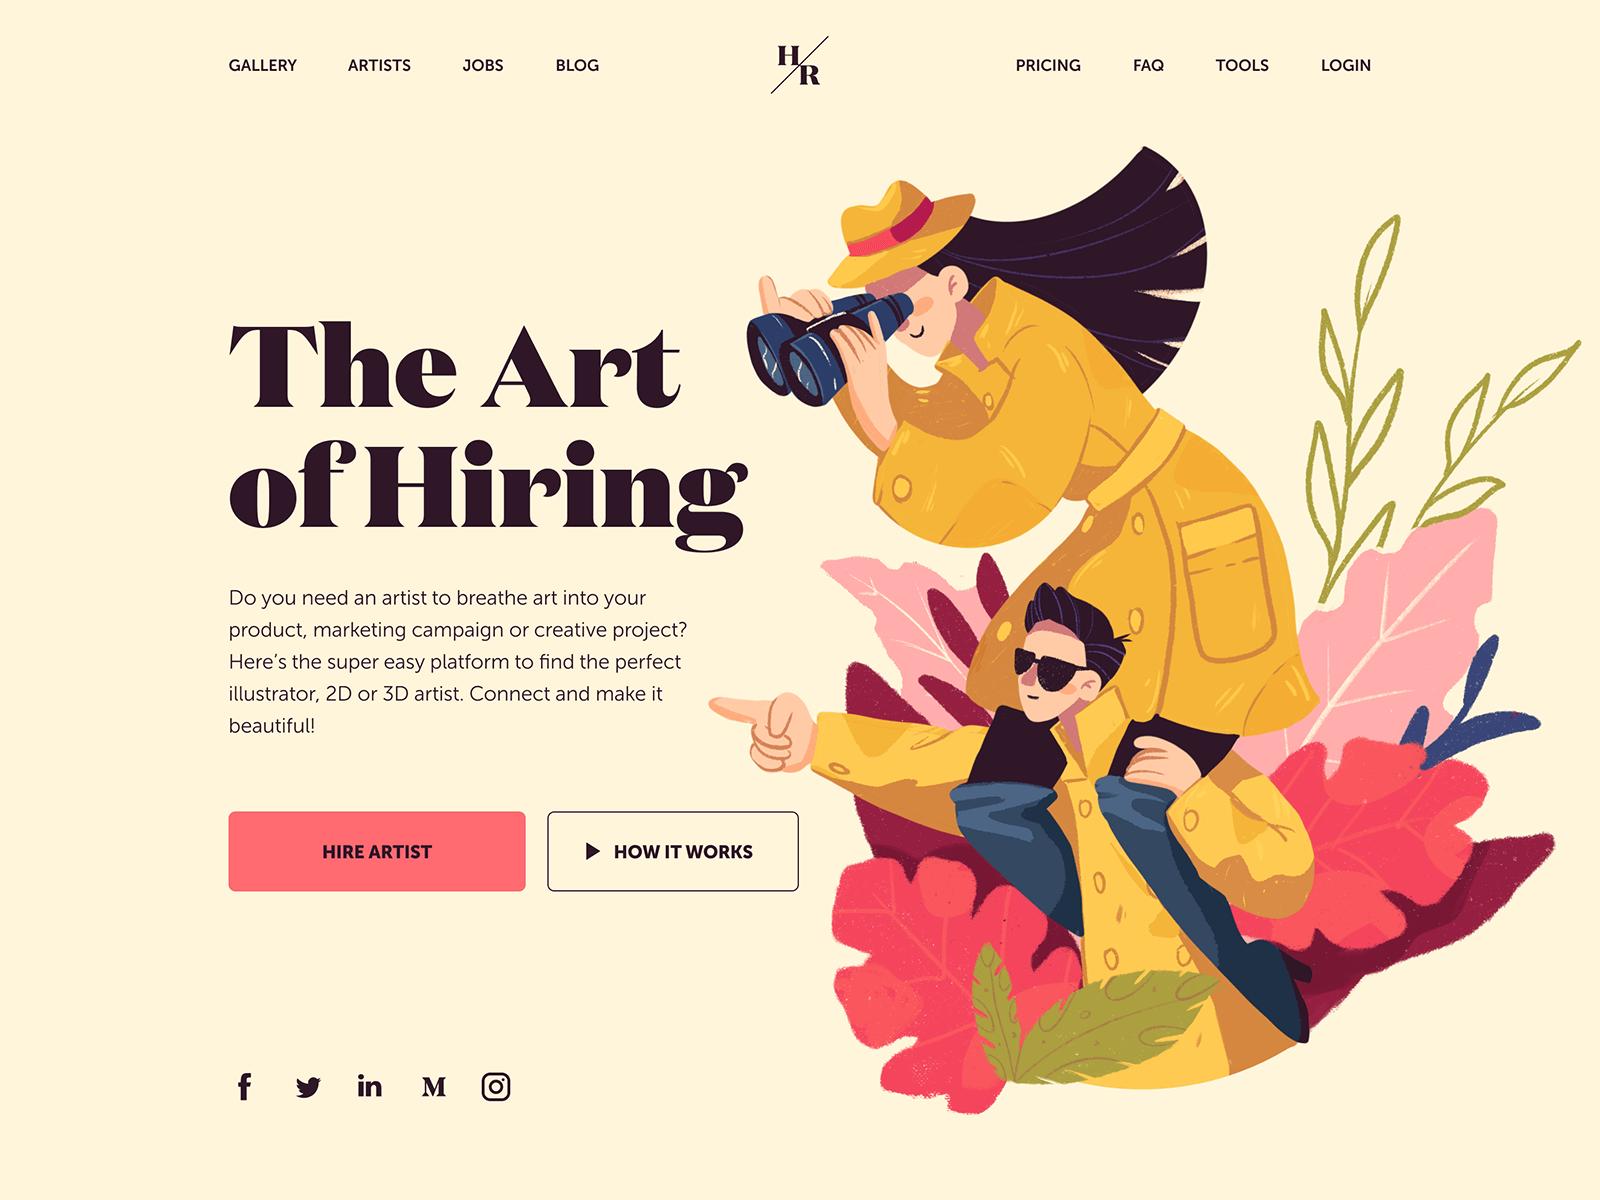 某招聘艺术家平台的着陆页